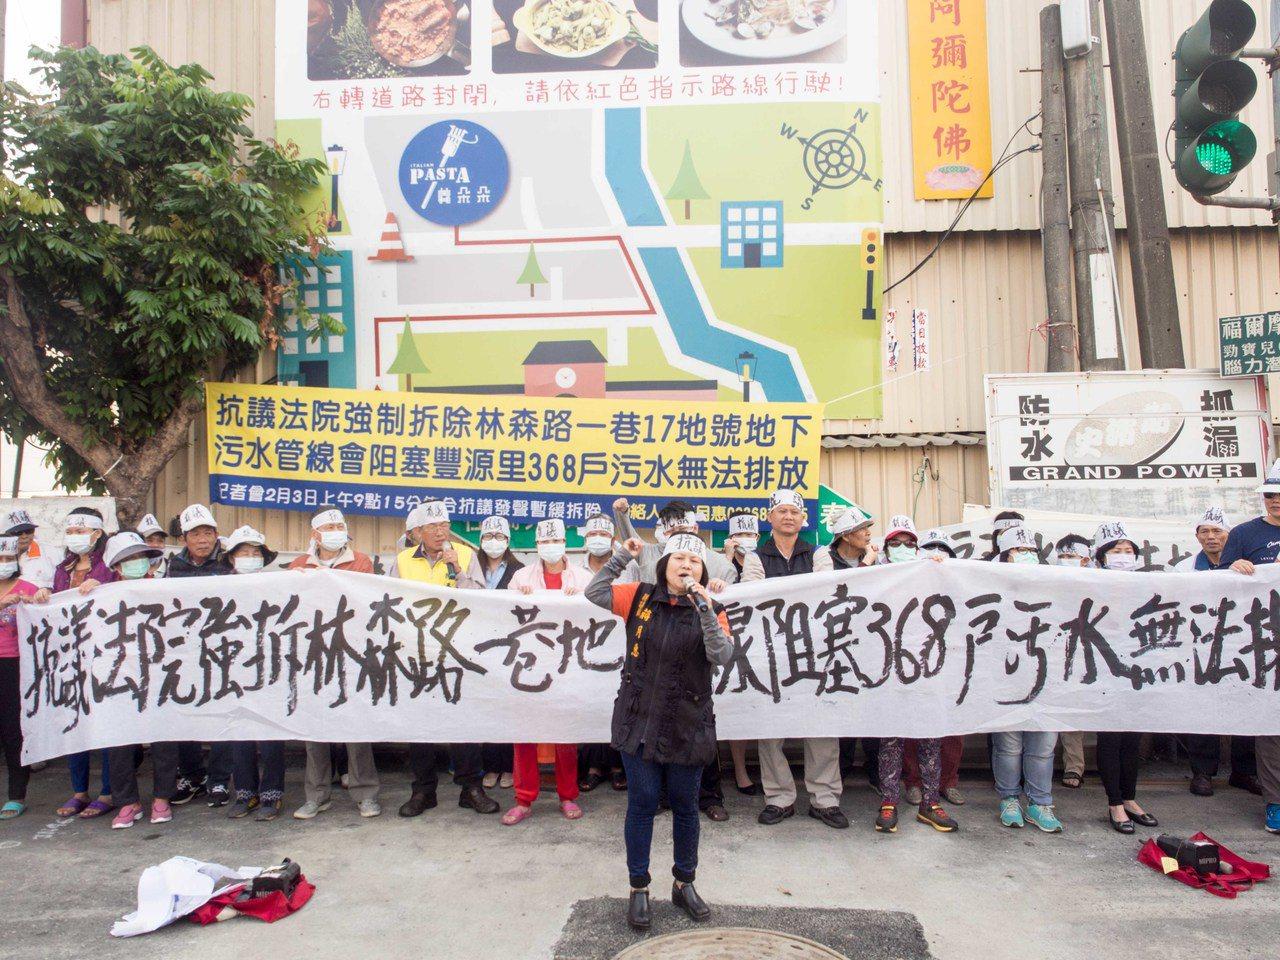 屏東縣議員蔣月惠(中)今天率領當地里民前往林森路一巷抗議。記者林良齊/攝影